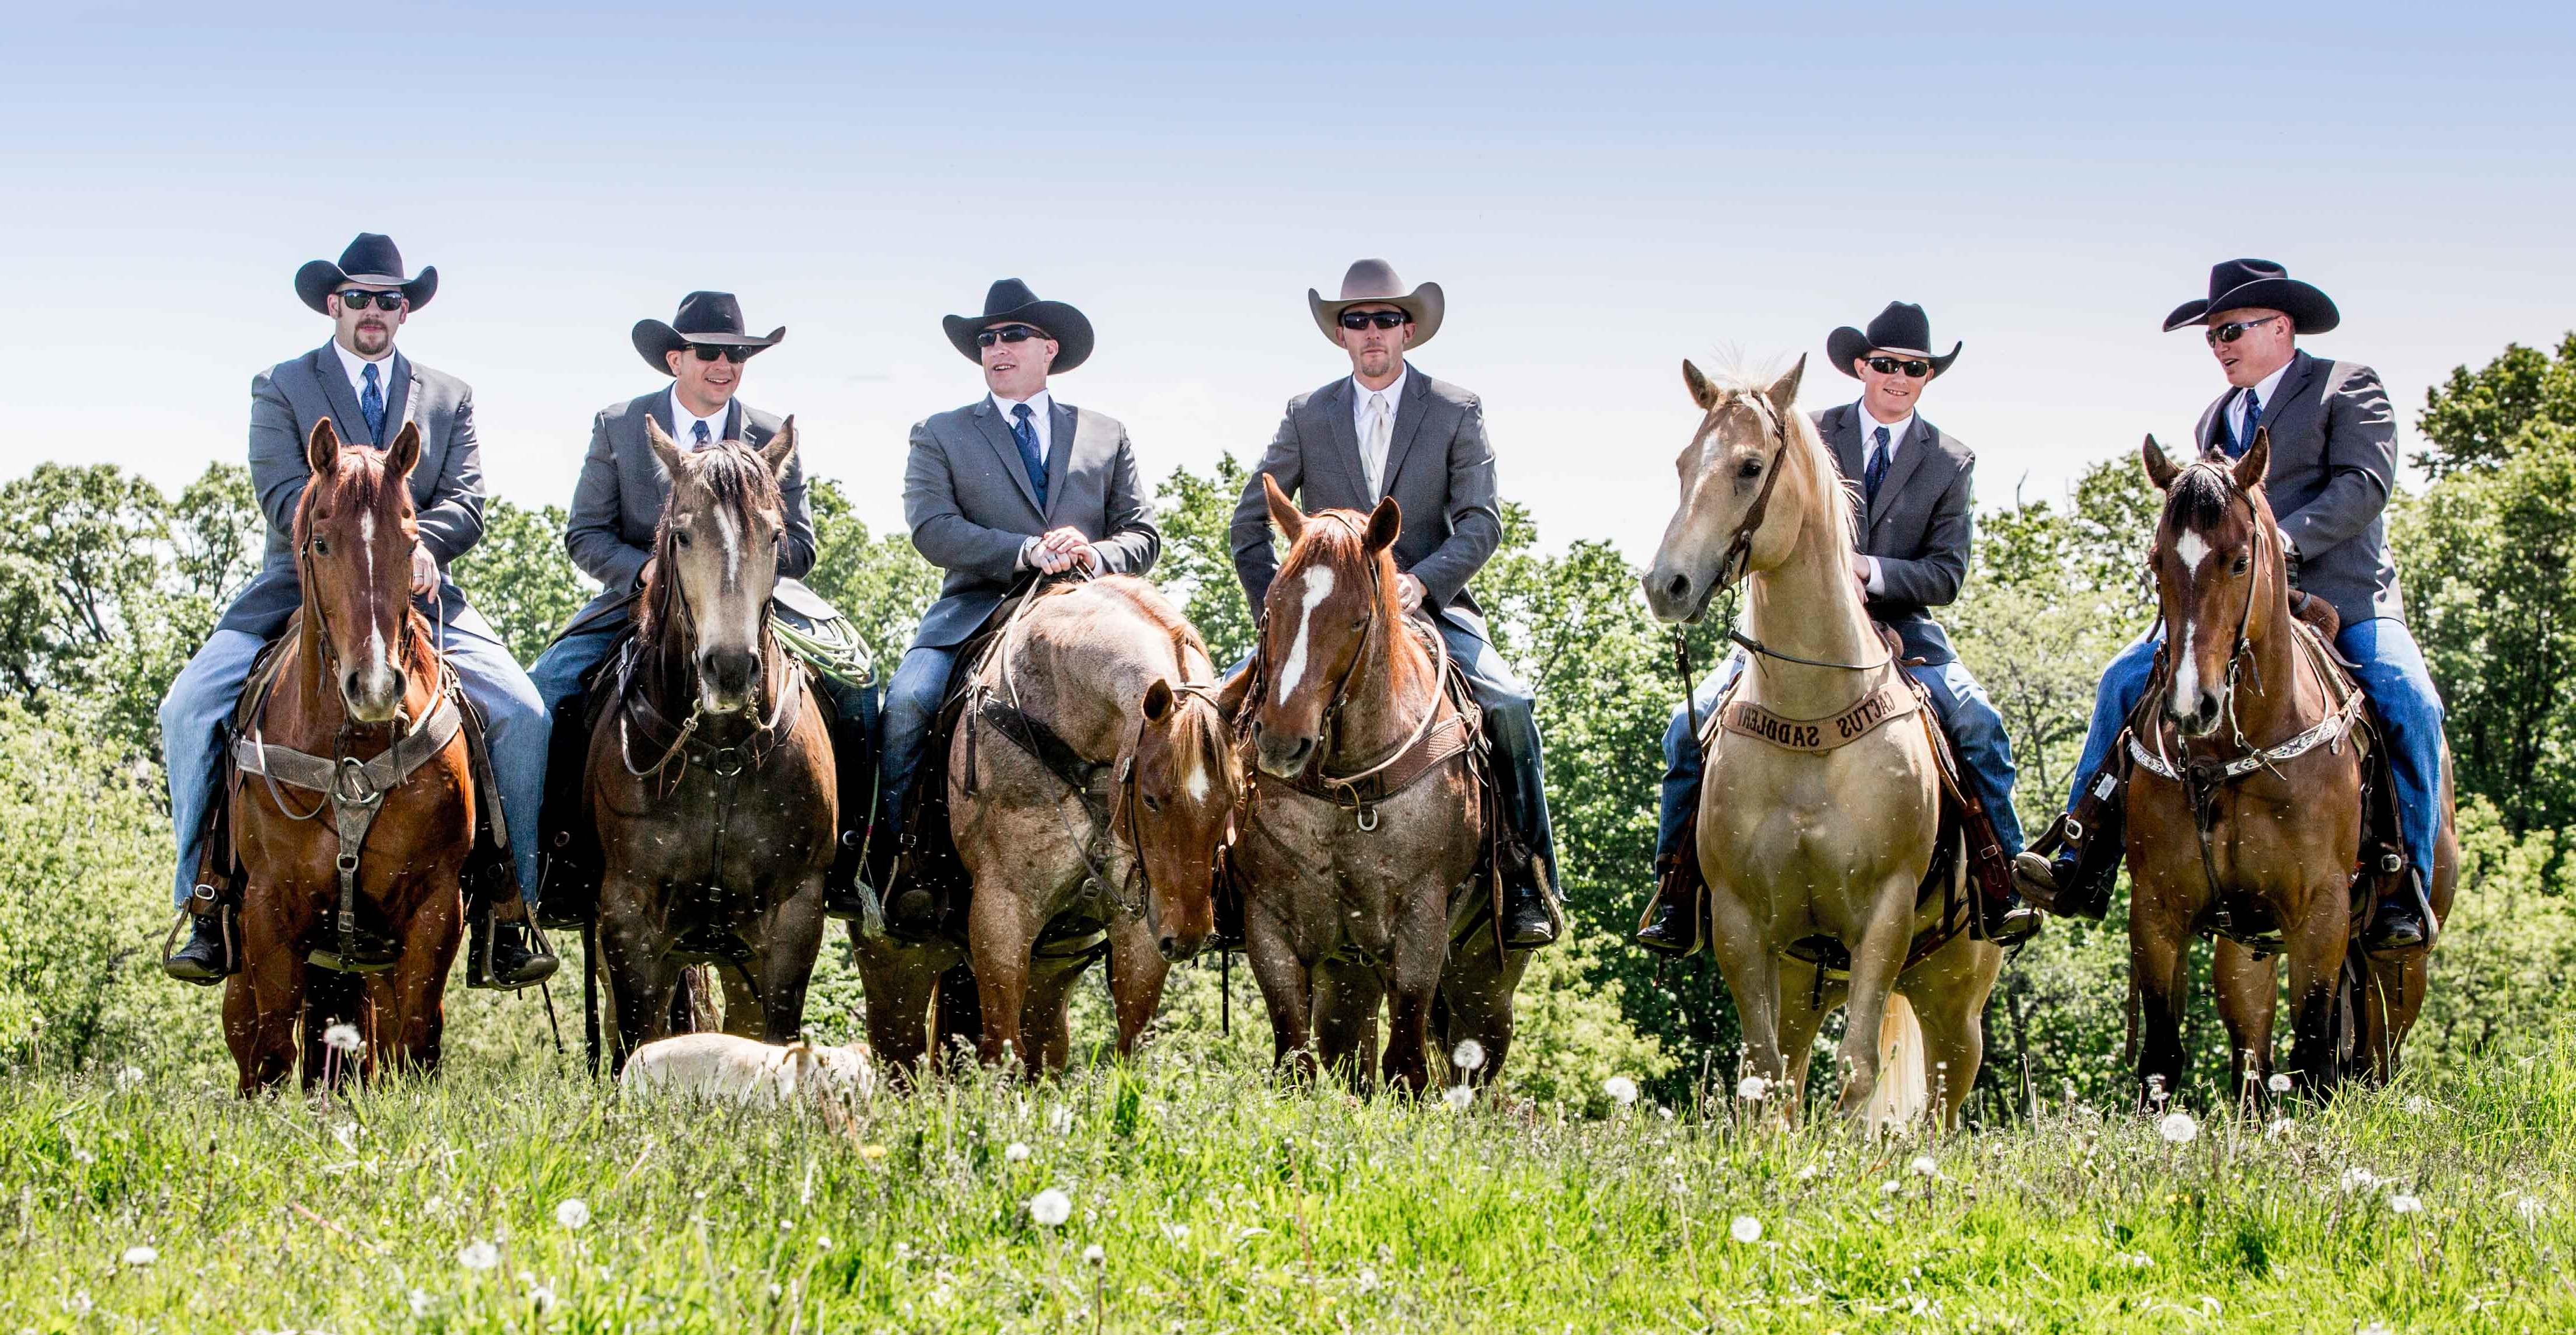 Bräutigam auf Pferde - schöne Pferdebilder